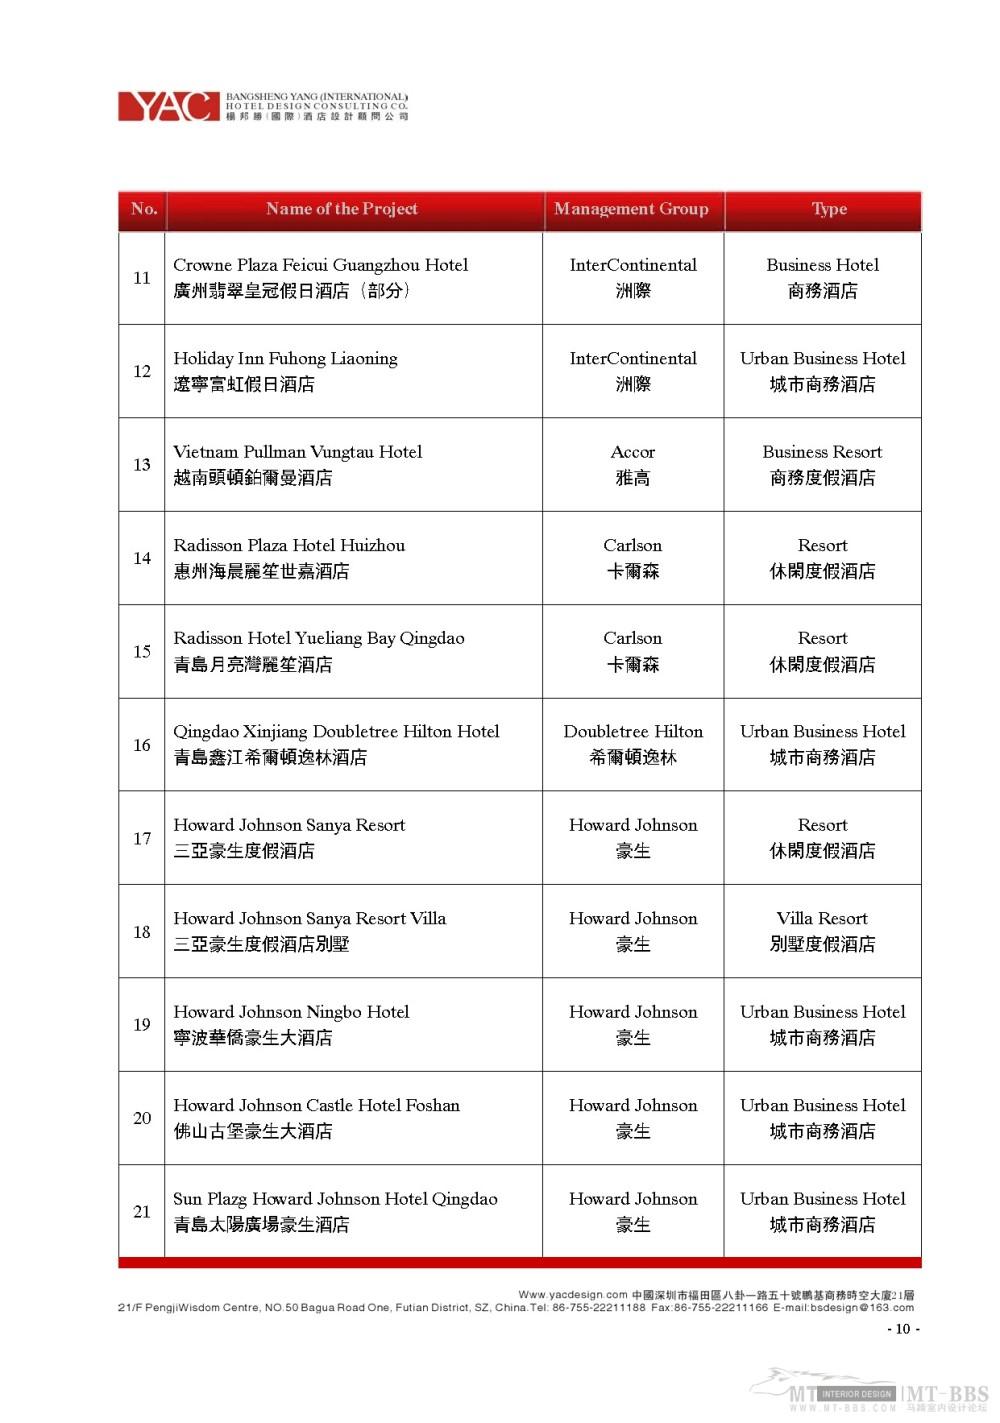 杨邦胜_2011.03.30YAC(国际)杨邦胜酒店设计顾问公司简介_页面_10.jpg